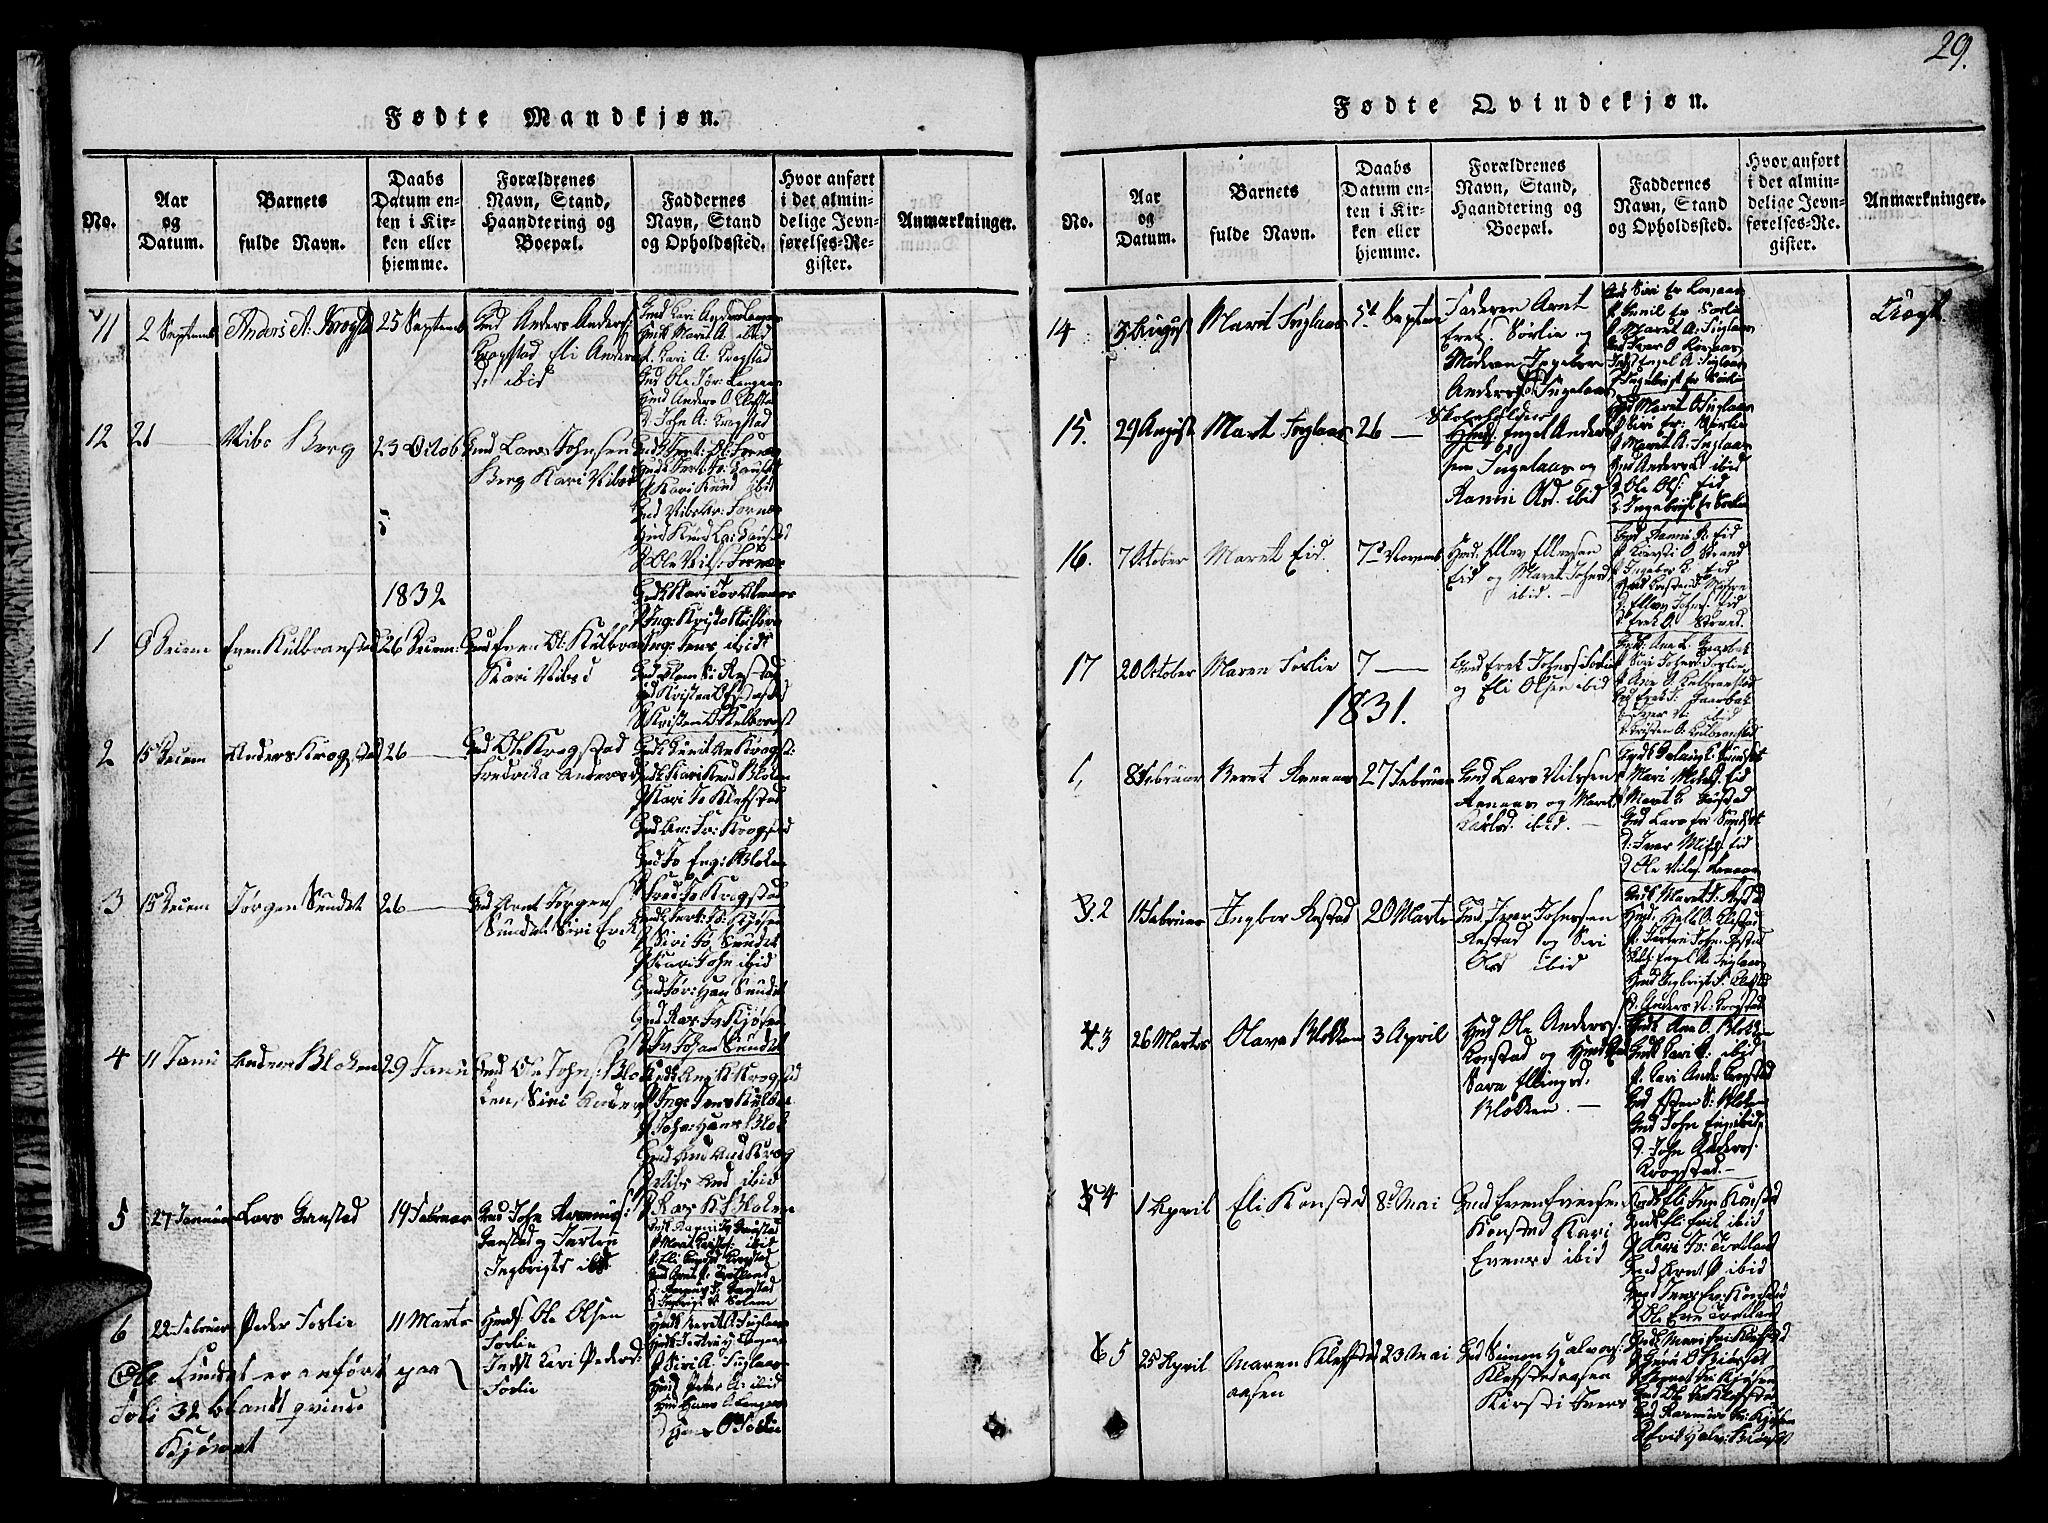 SAT, Ministerialprotokoller, klokkerbøker og fødselsregistre - Sør-Trøndelag, 694/L1130: Klokkerbok nr. 694C02, 1816-1857, s. 29